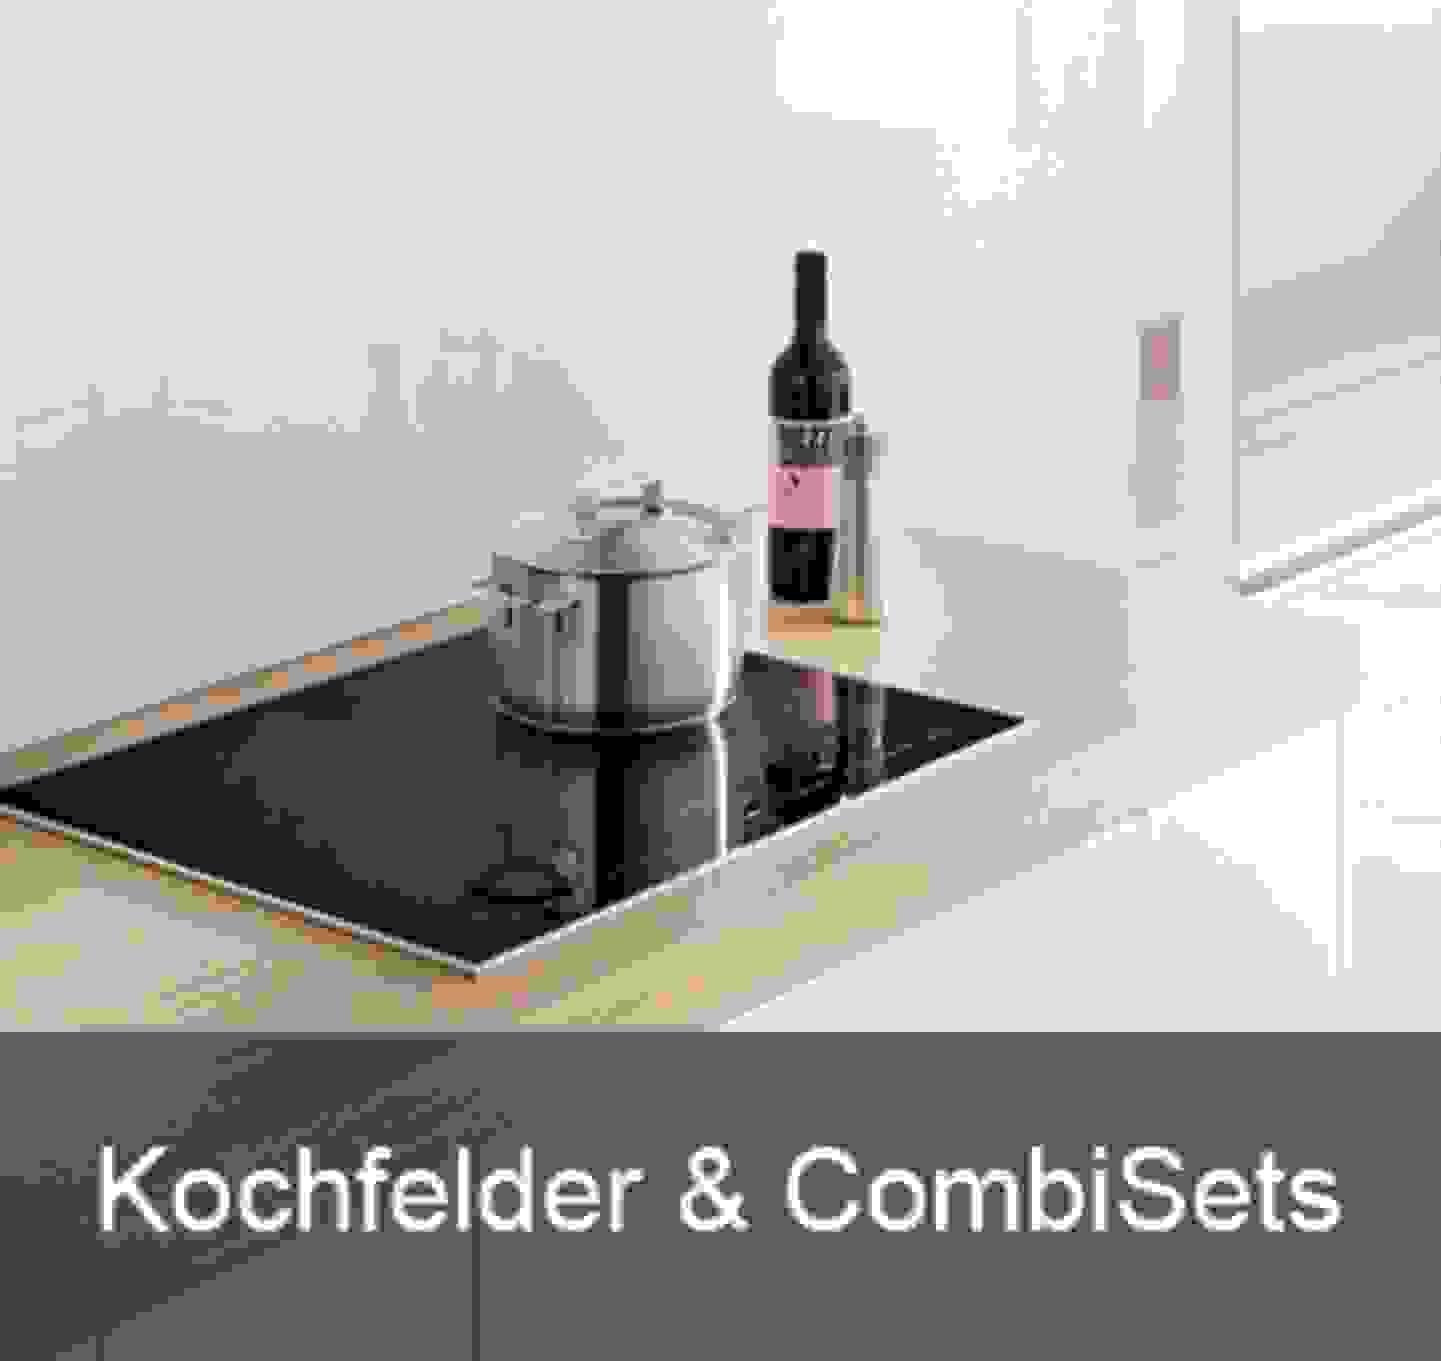 Kochfelder & CombiSets